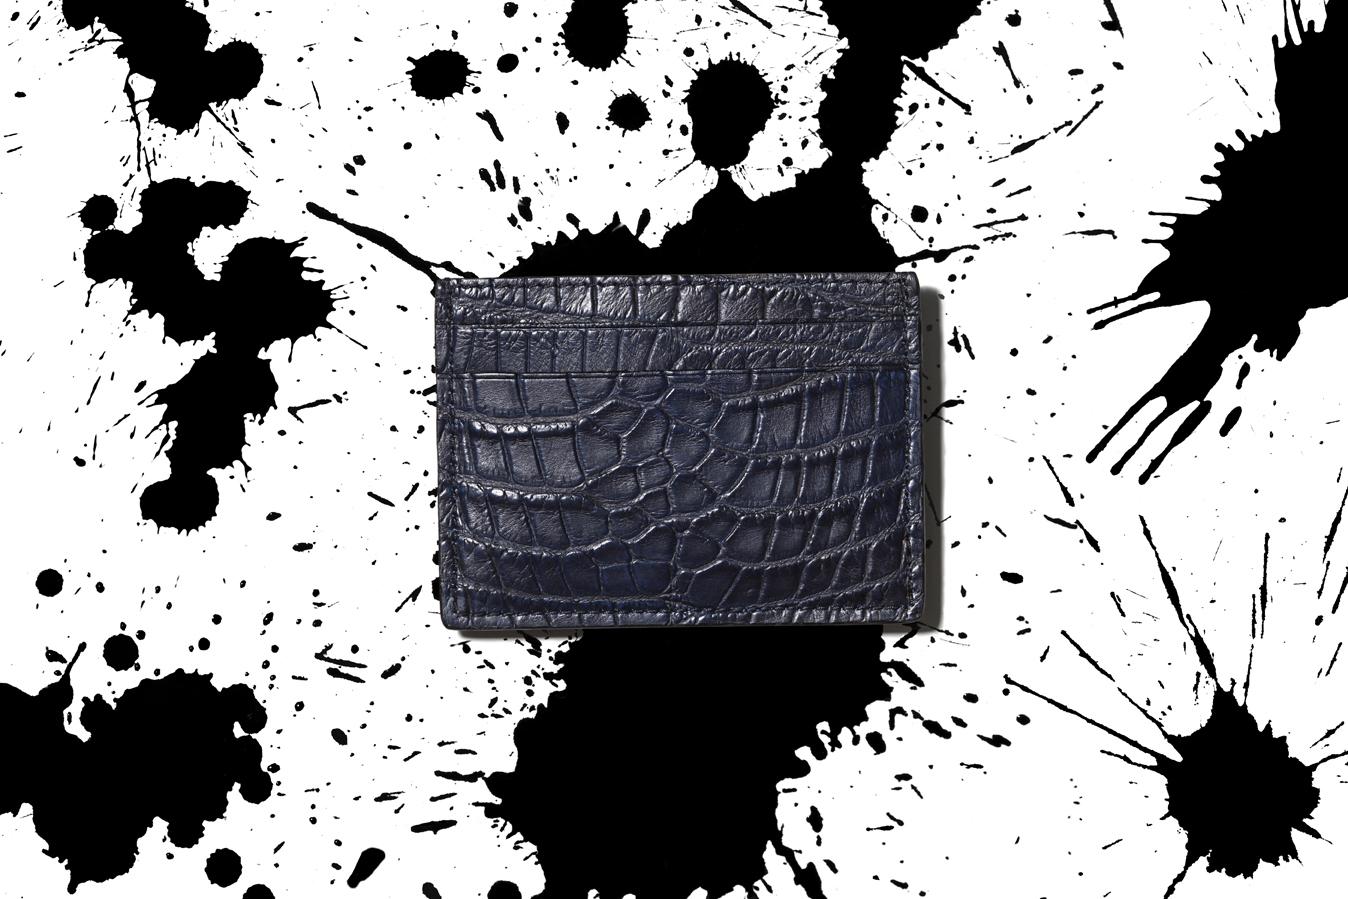 Gucci wallet Still Life